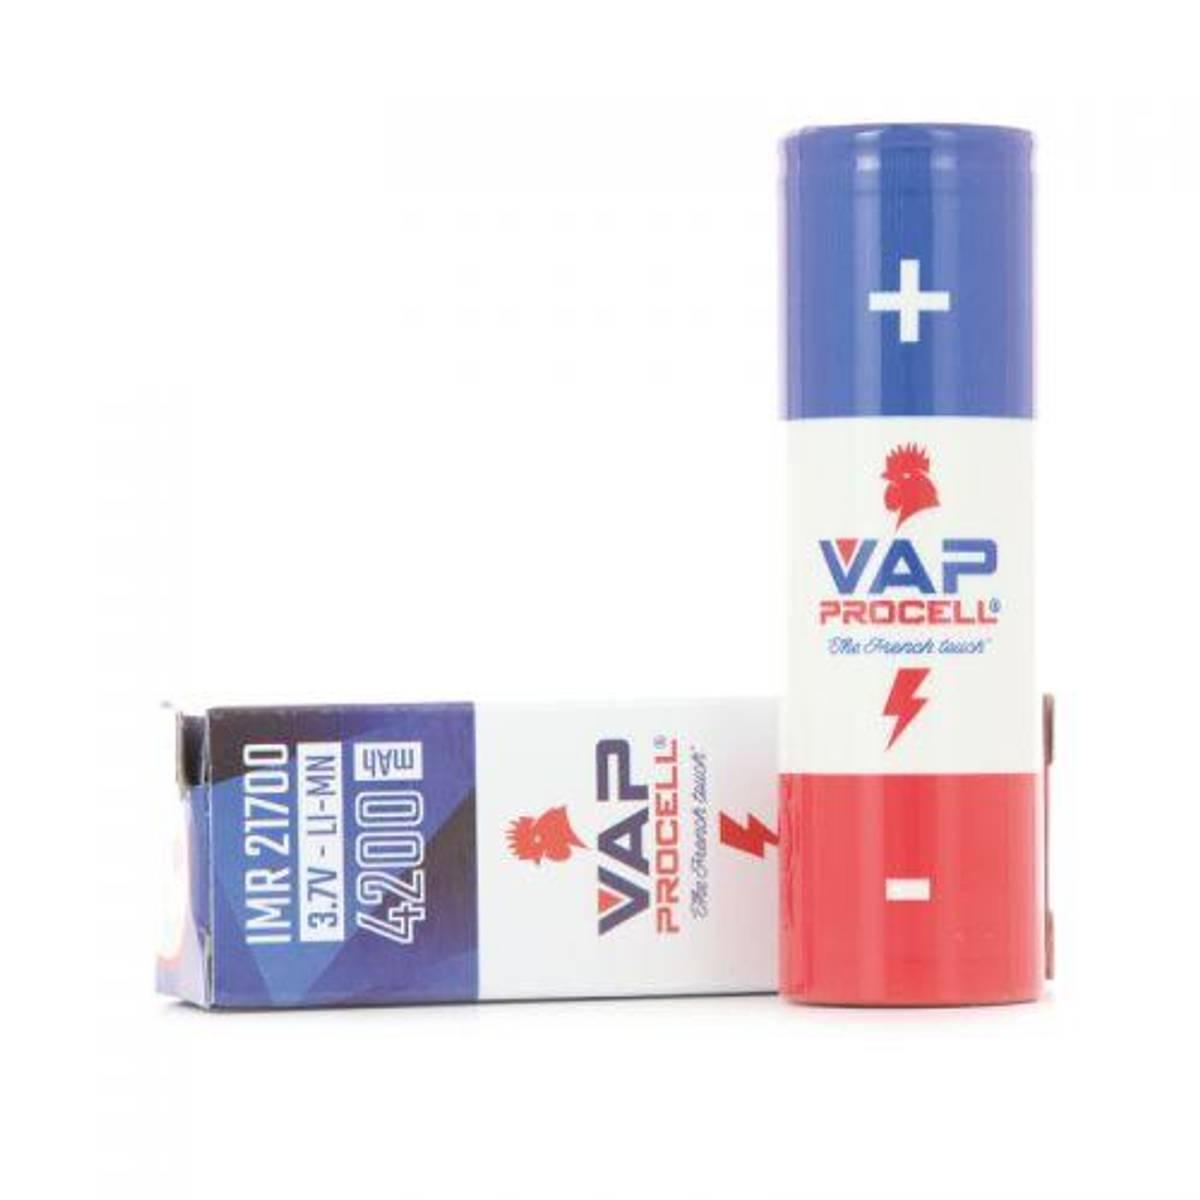 Vap Procell Batteri IMR 21700 3.7V Li-Mn 4200mAh